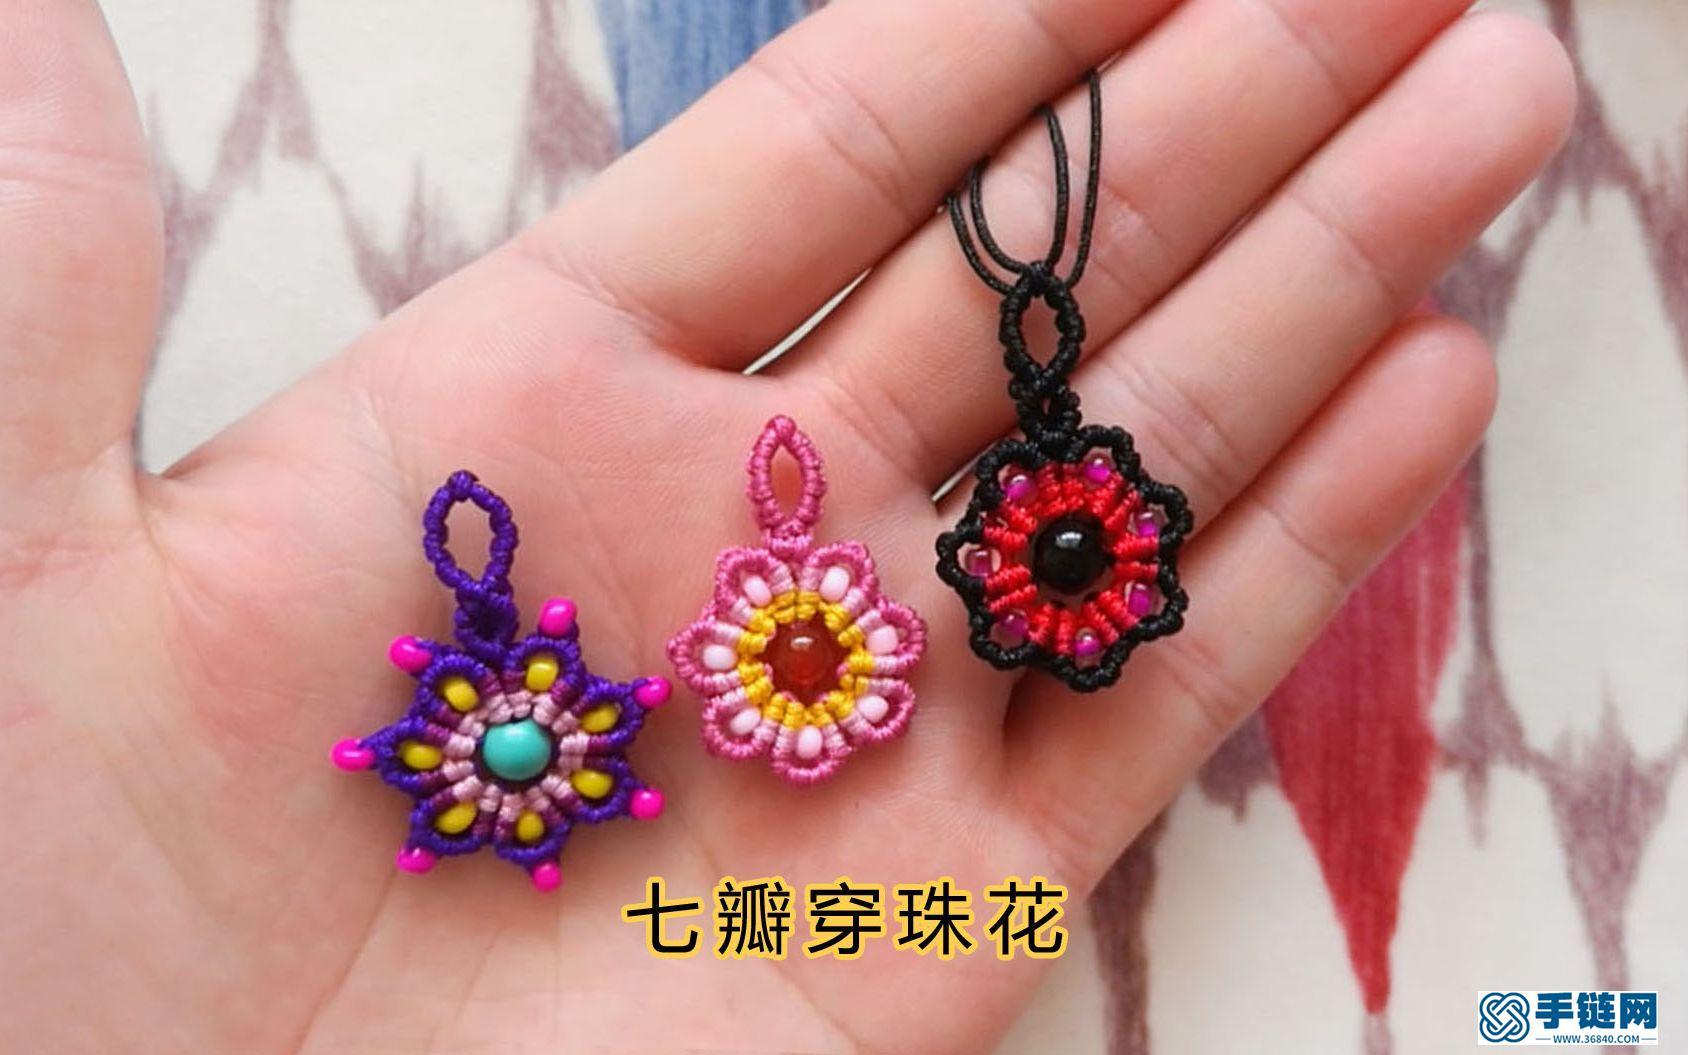 七瓣穿珠花 斜卷结应用编绳造型 做一朵你心中的花花